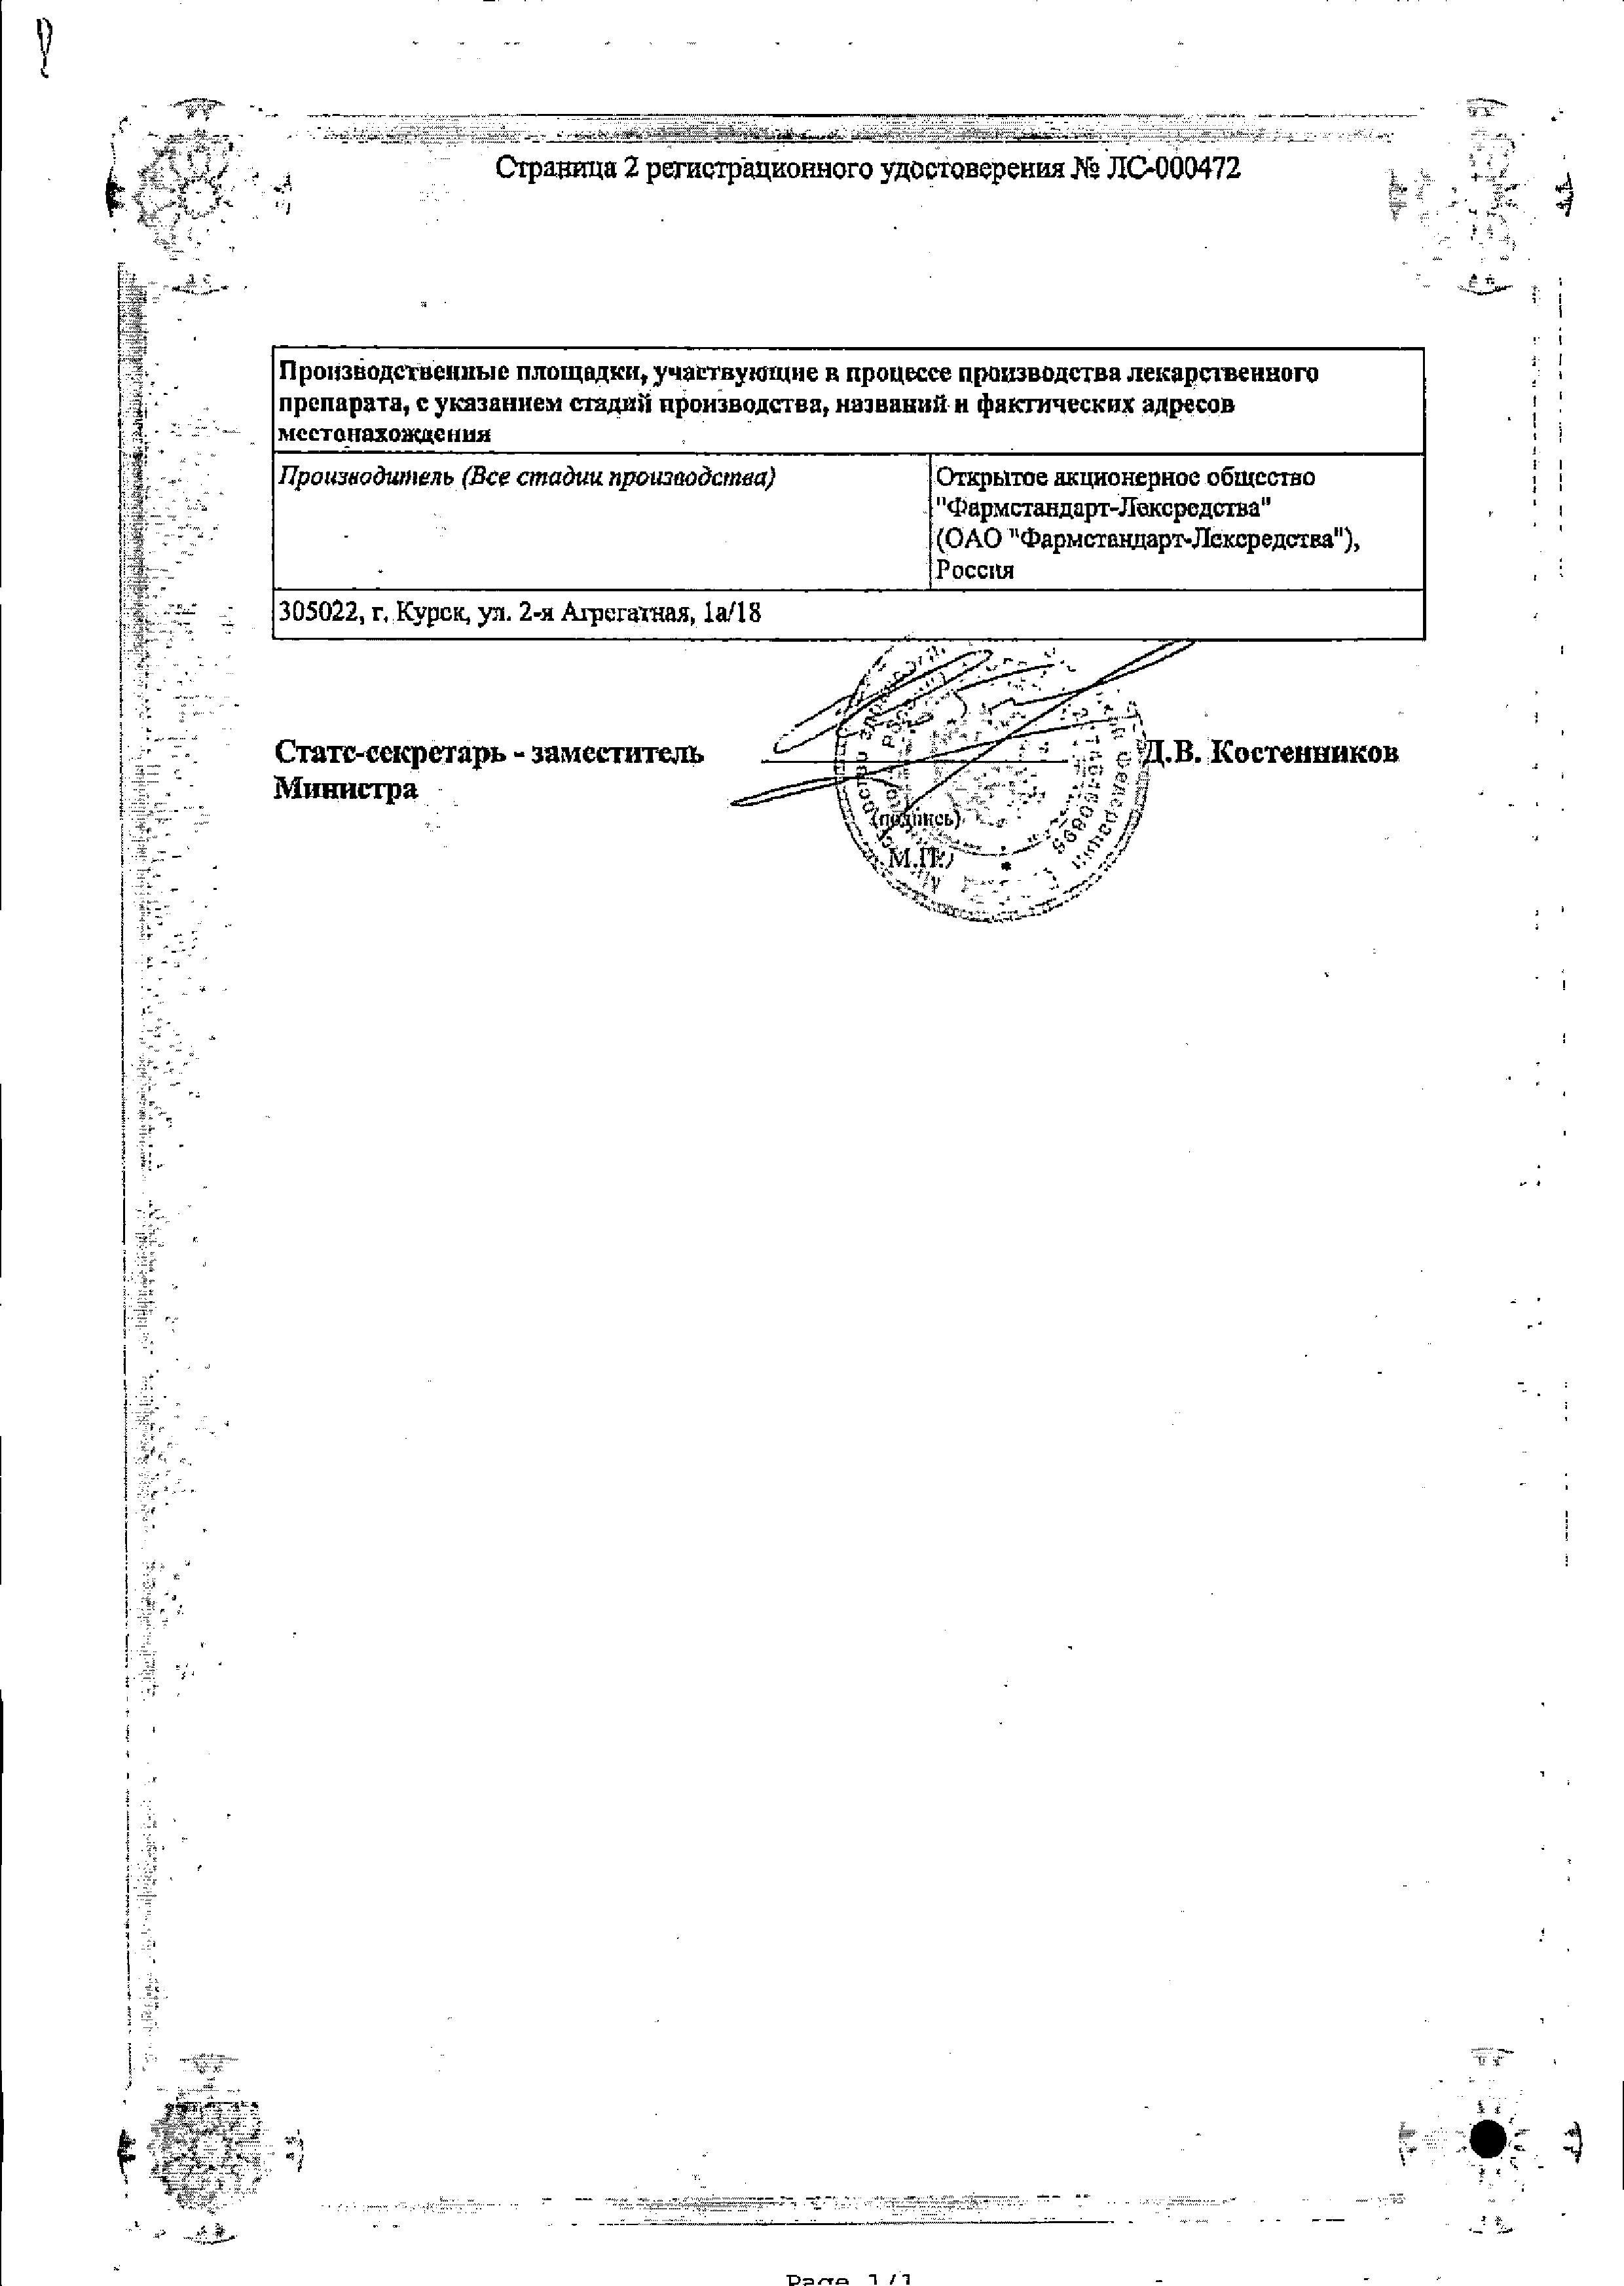 Неосмектин сертификат